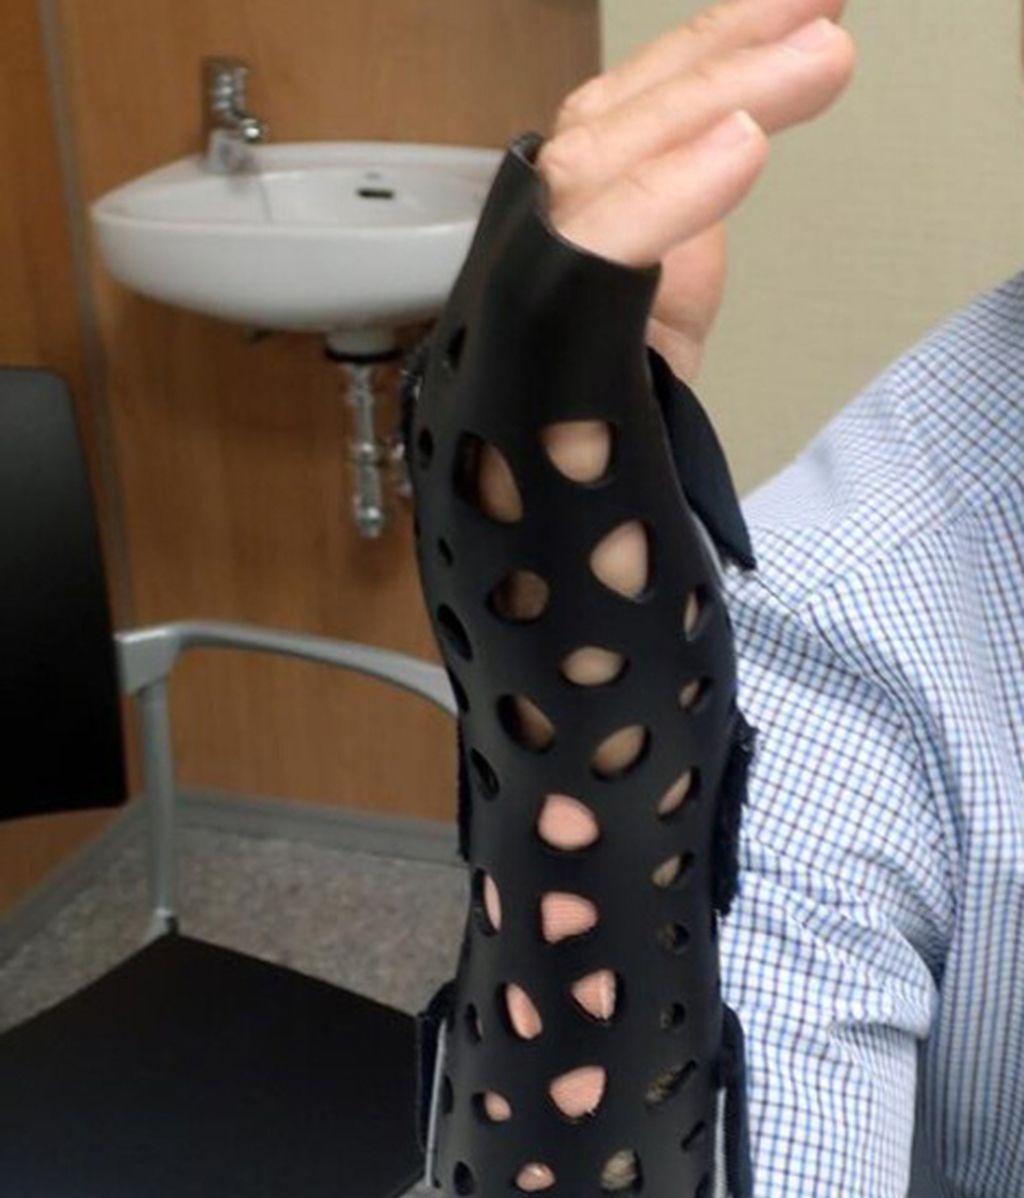 Younext, férula impresa en 3D para una fractura